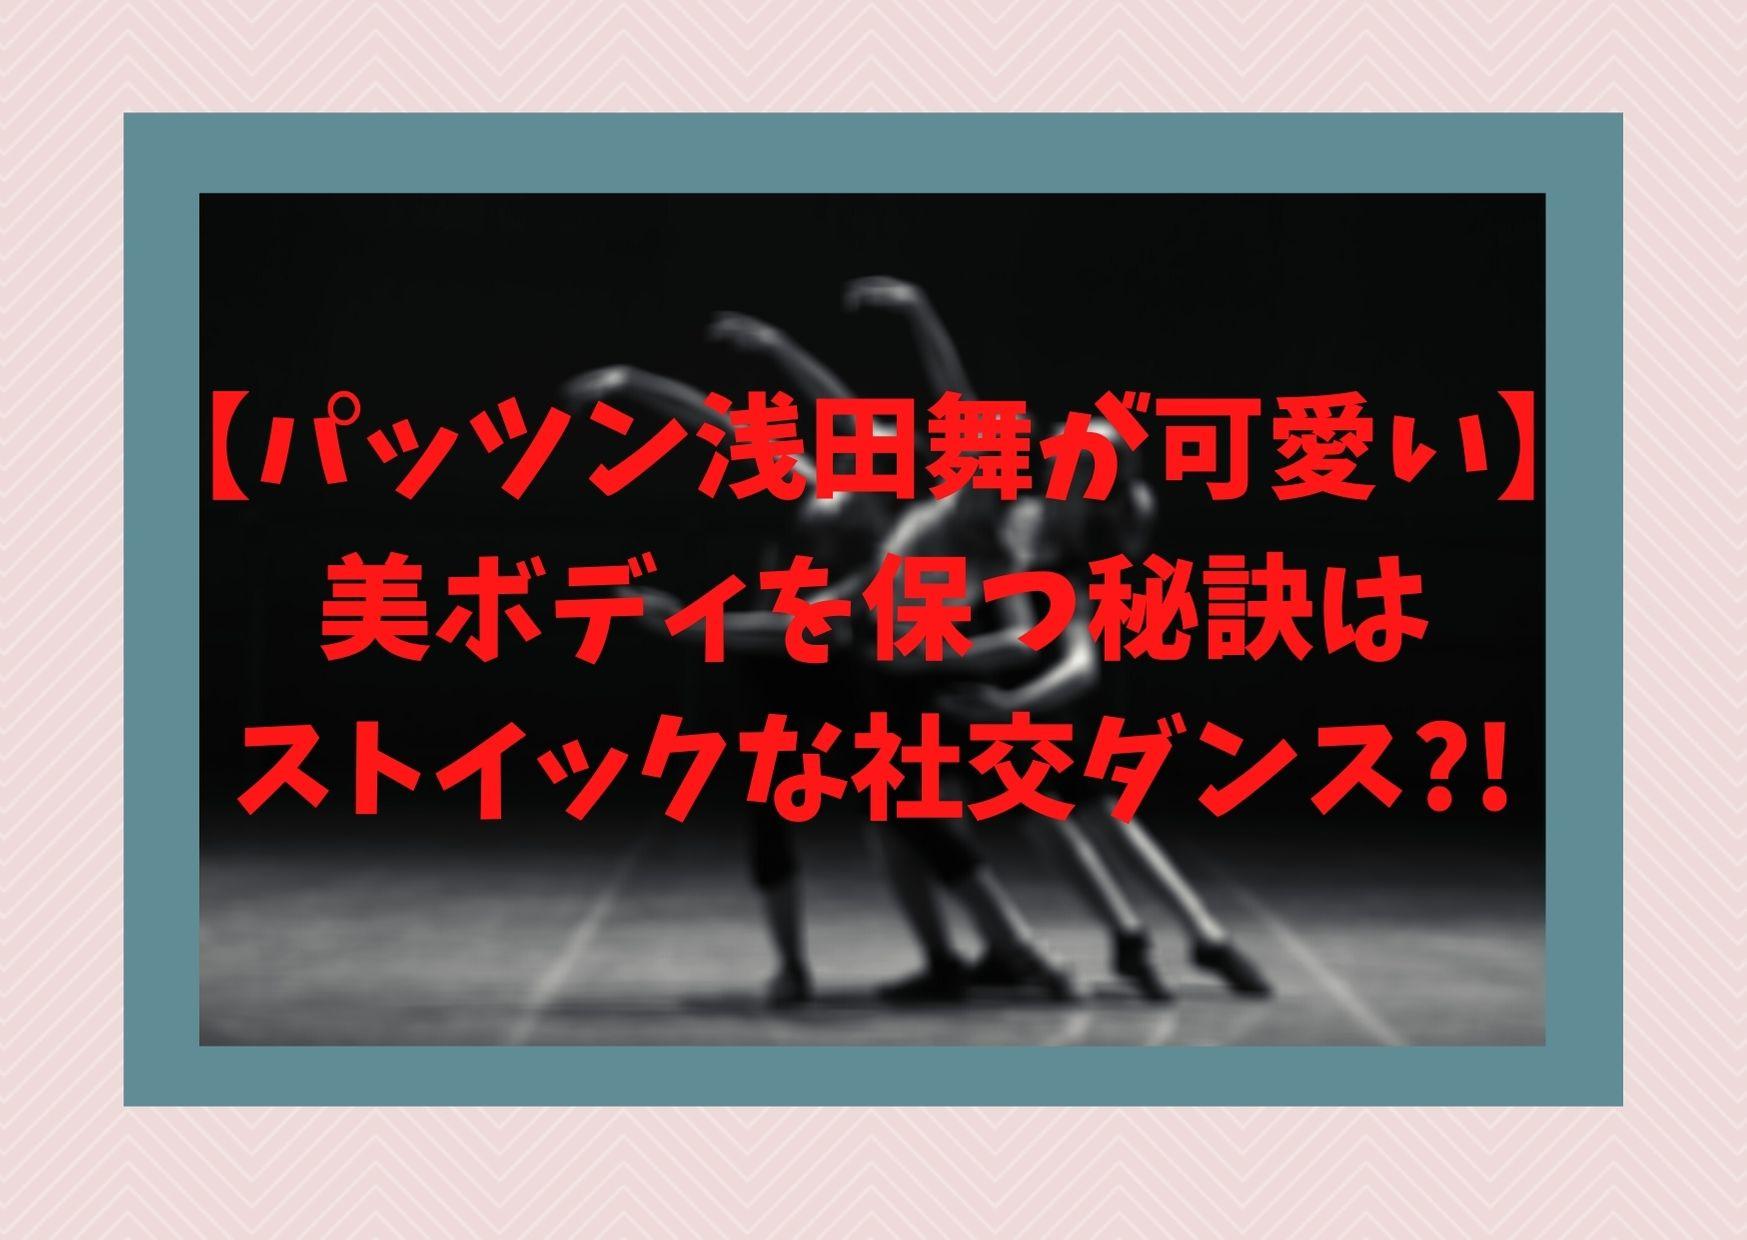 【パッツン浅田舞が可愛い】美ボディを保つ秘訣はストイックな社交ダンス?!